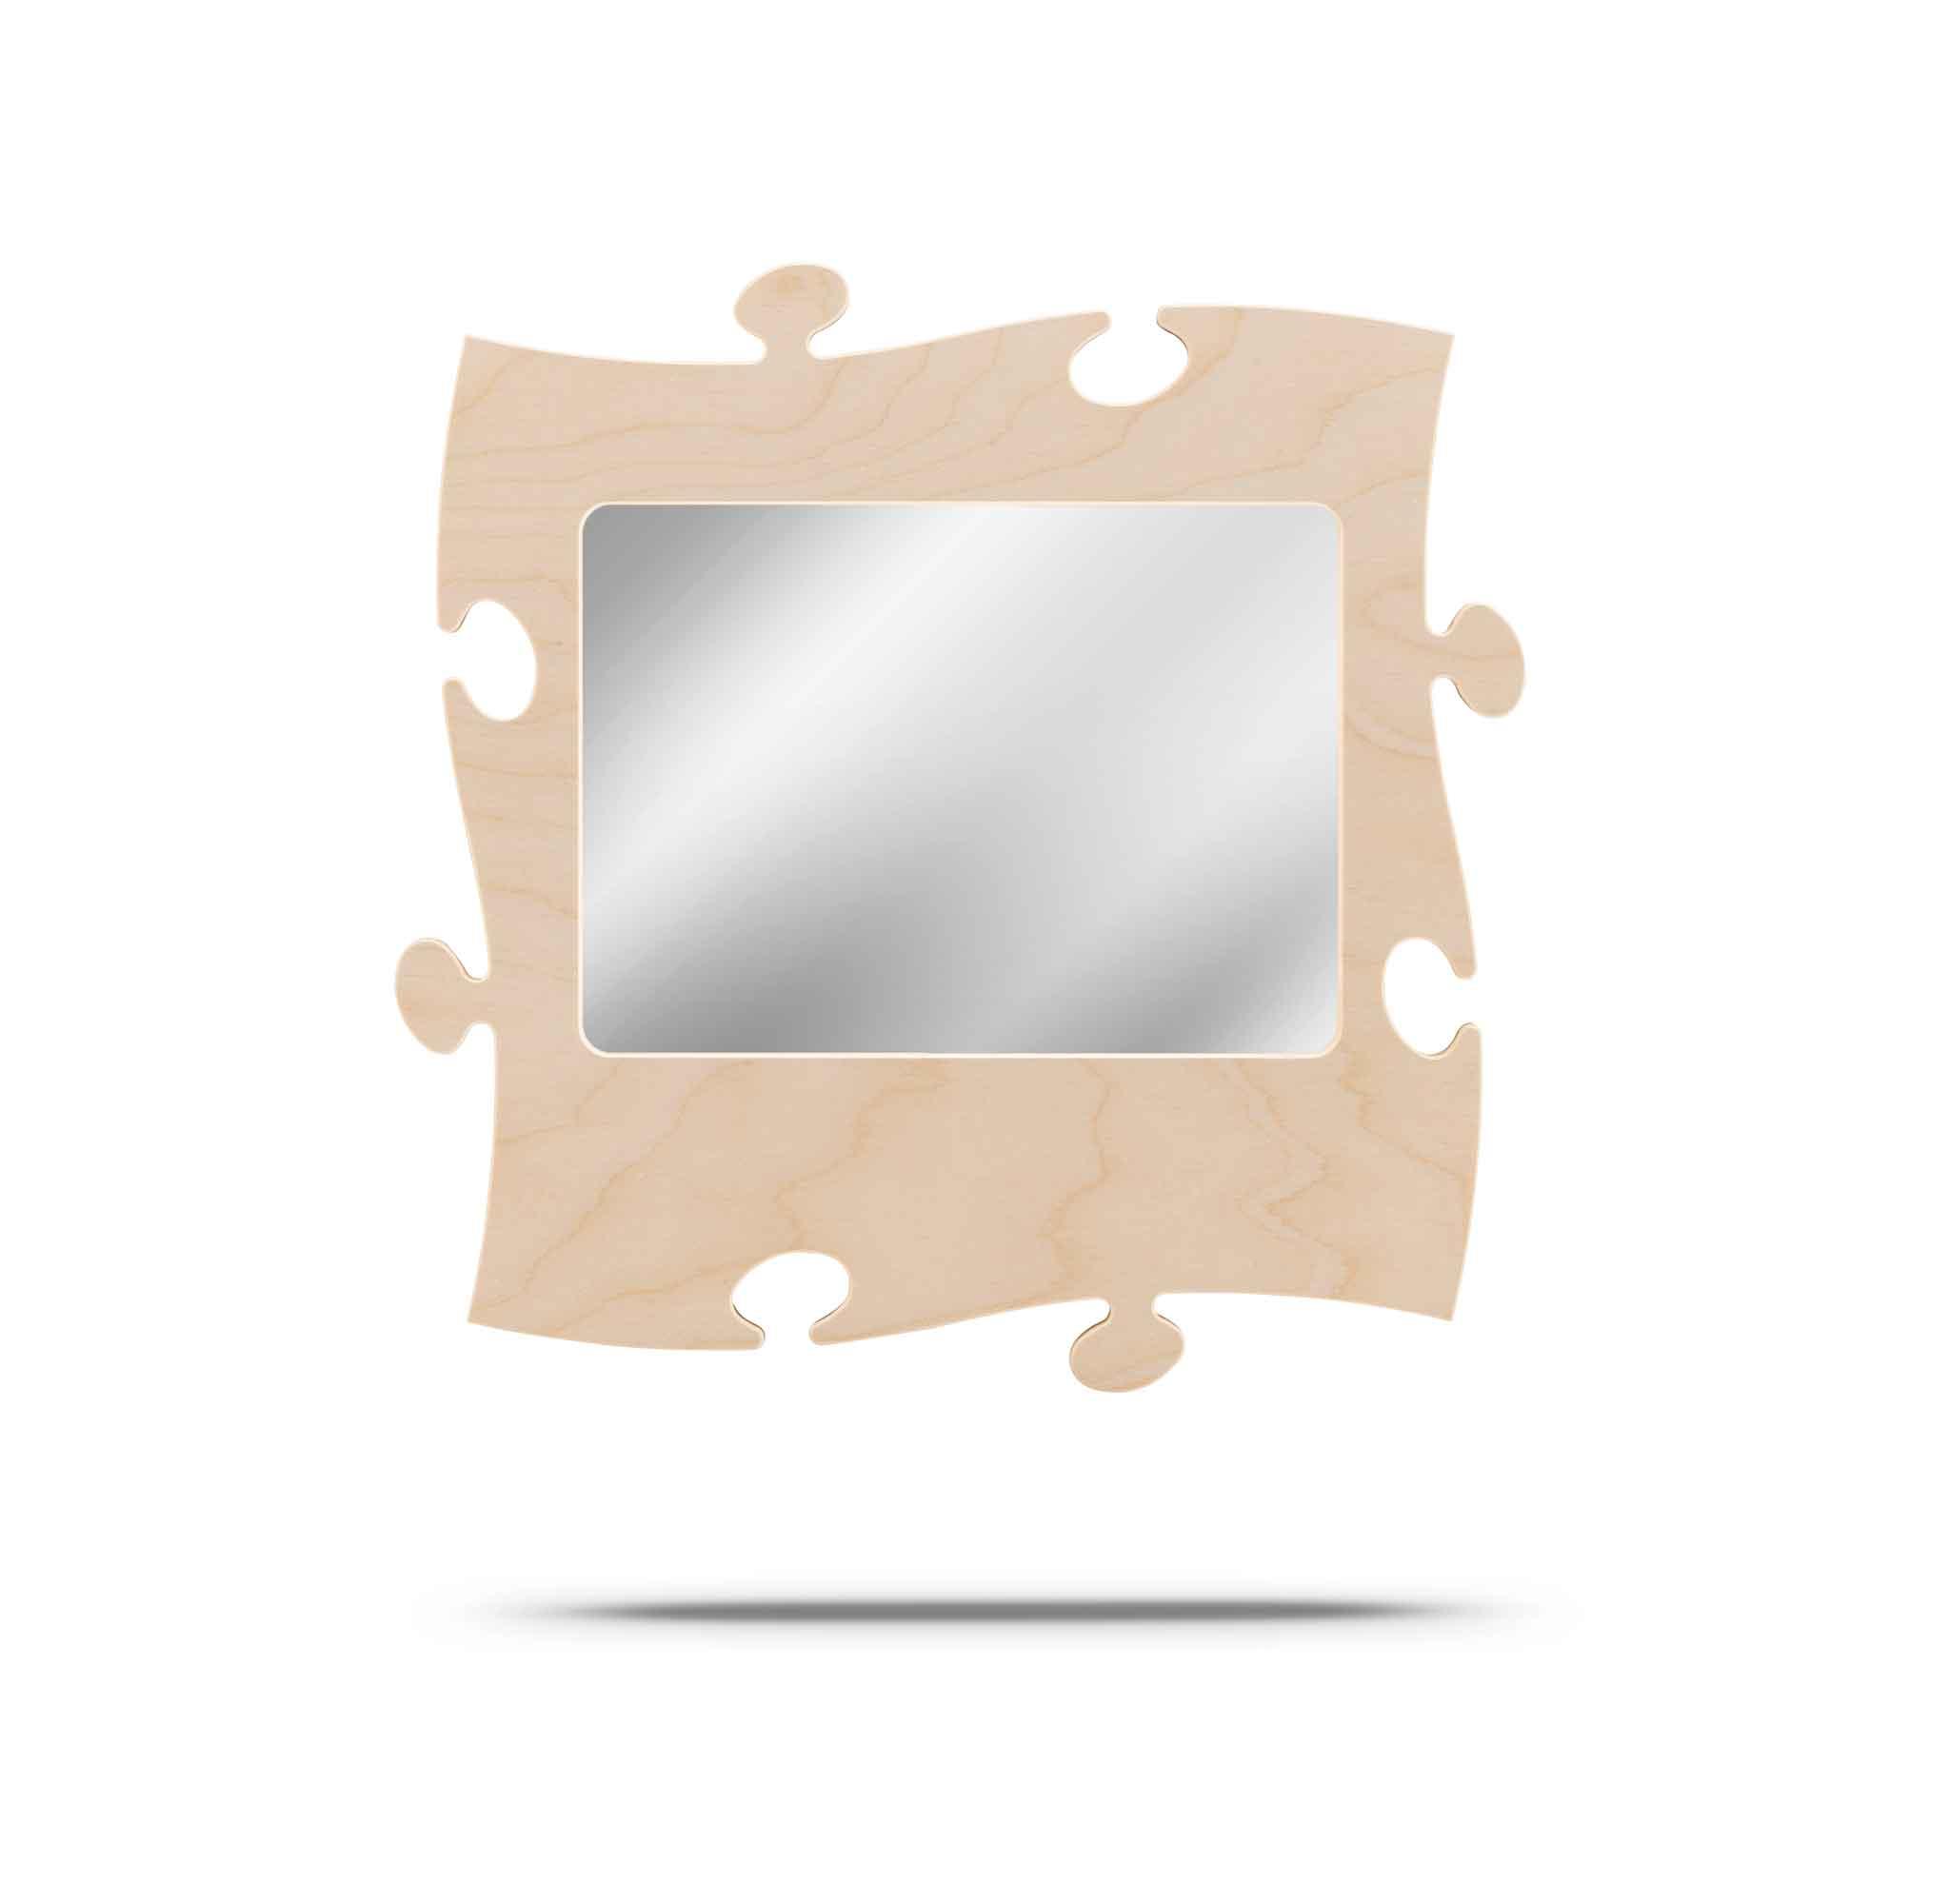 puzzles rahmen mit spiegel 20 x 28 cm country living shop. Black Bedroom Furniture Sets. Home Design Ideas